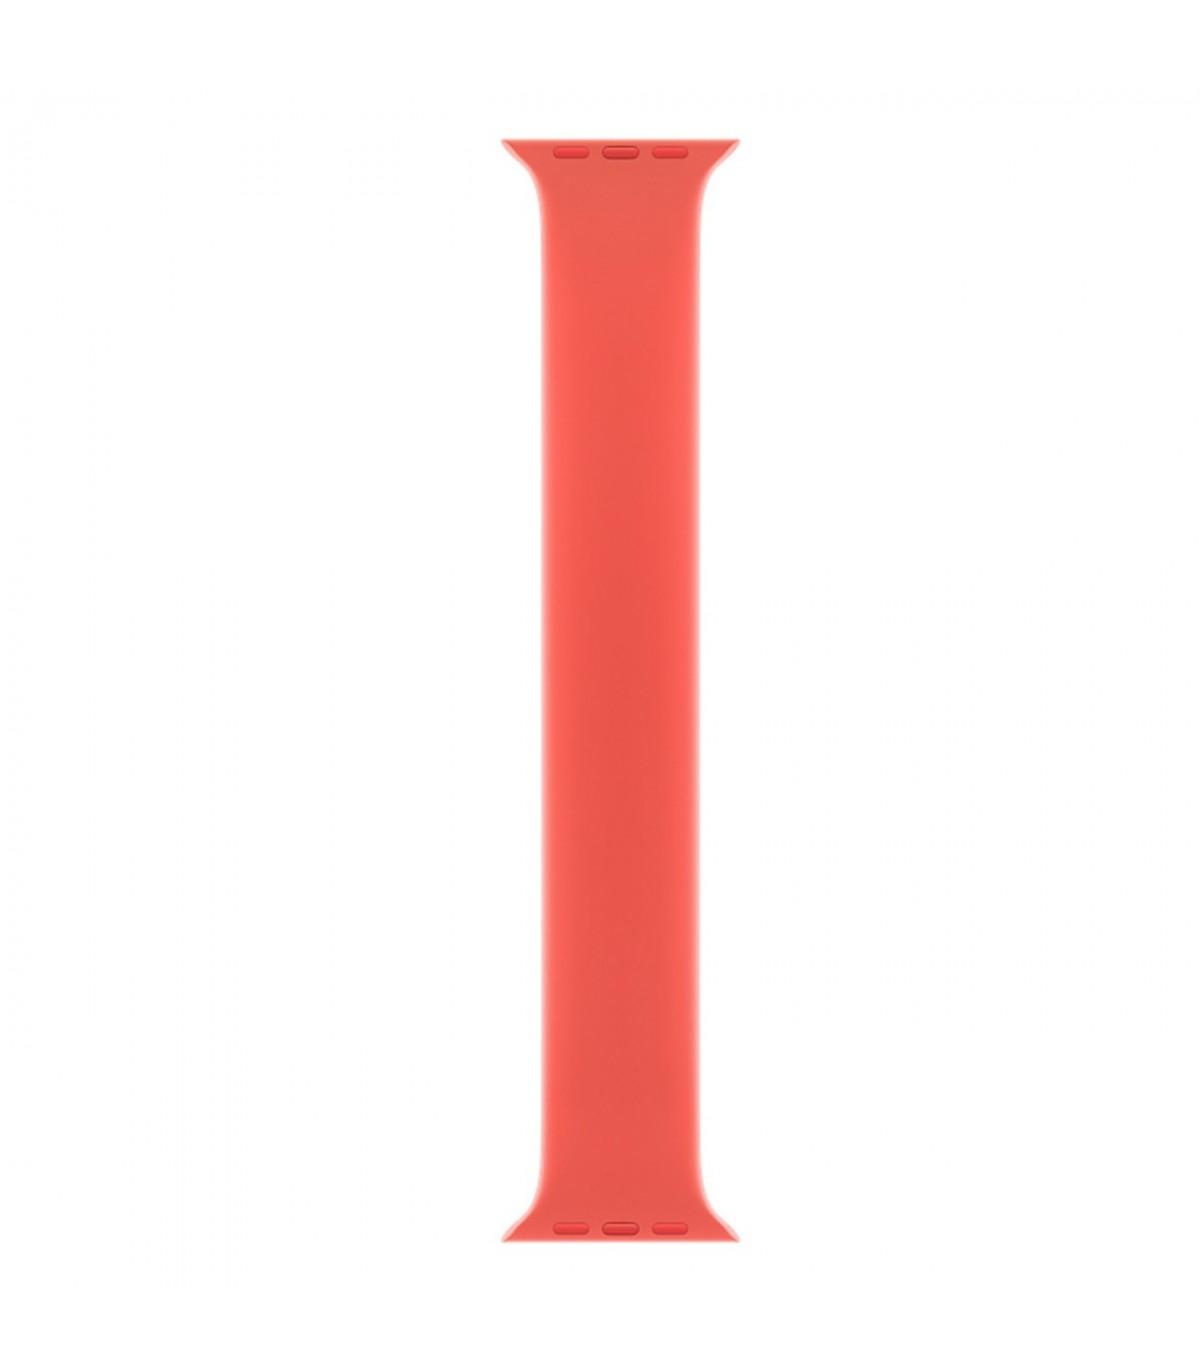 بند سیلیکونی مناسب برای اپل واچ 42 میلی متری